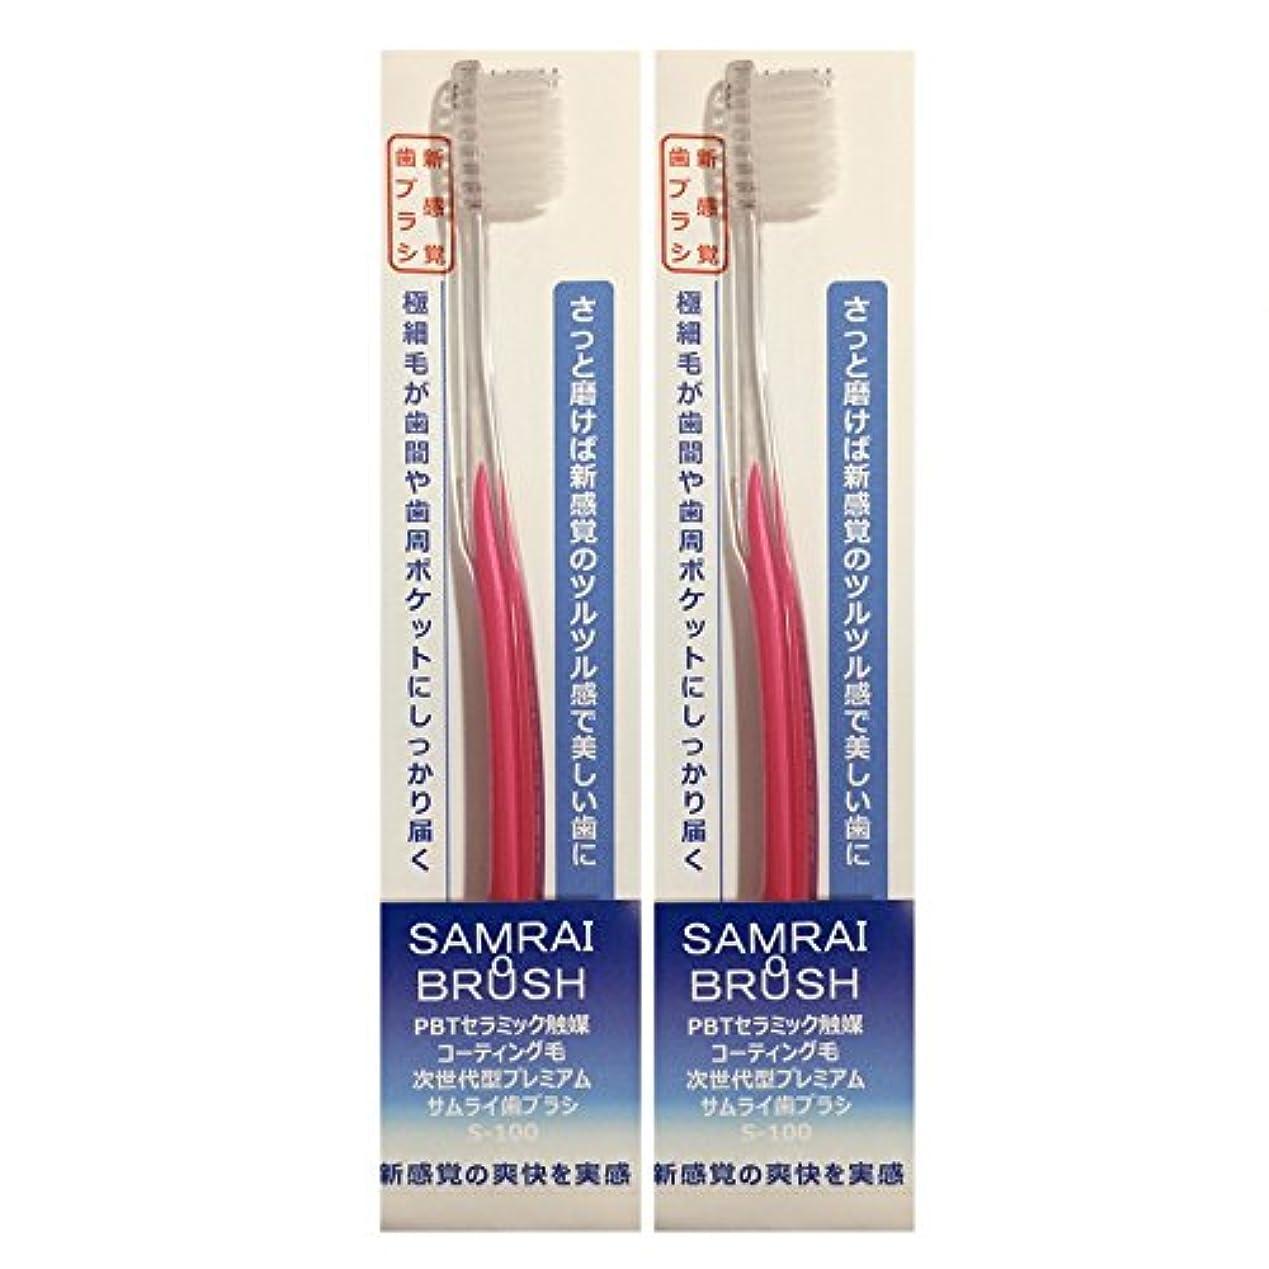 受賞ミッション添加剤サムライ(SAMRAI)歯ブラシふつう ピンク 2本